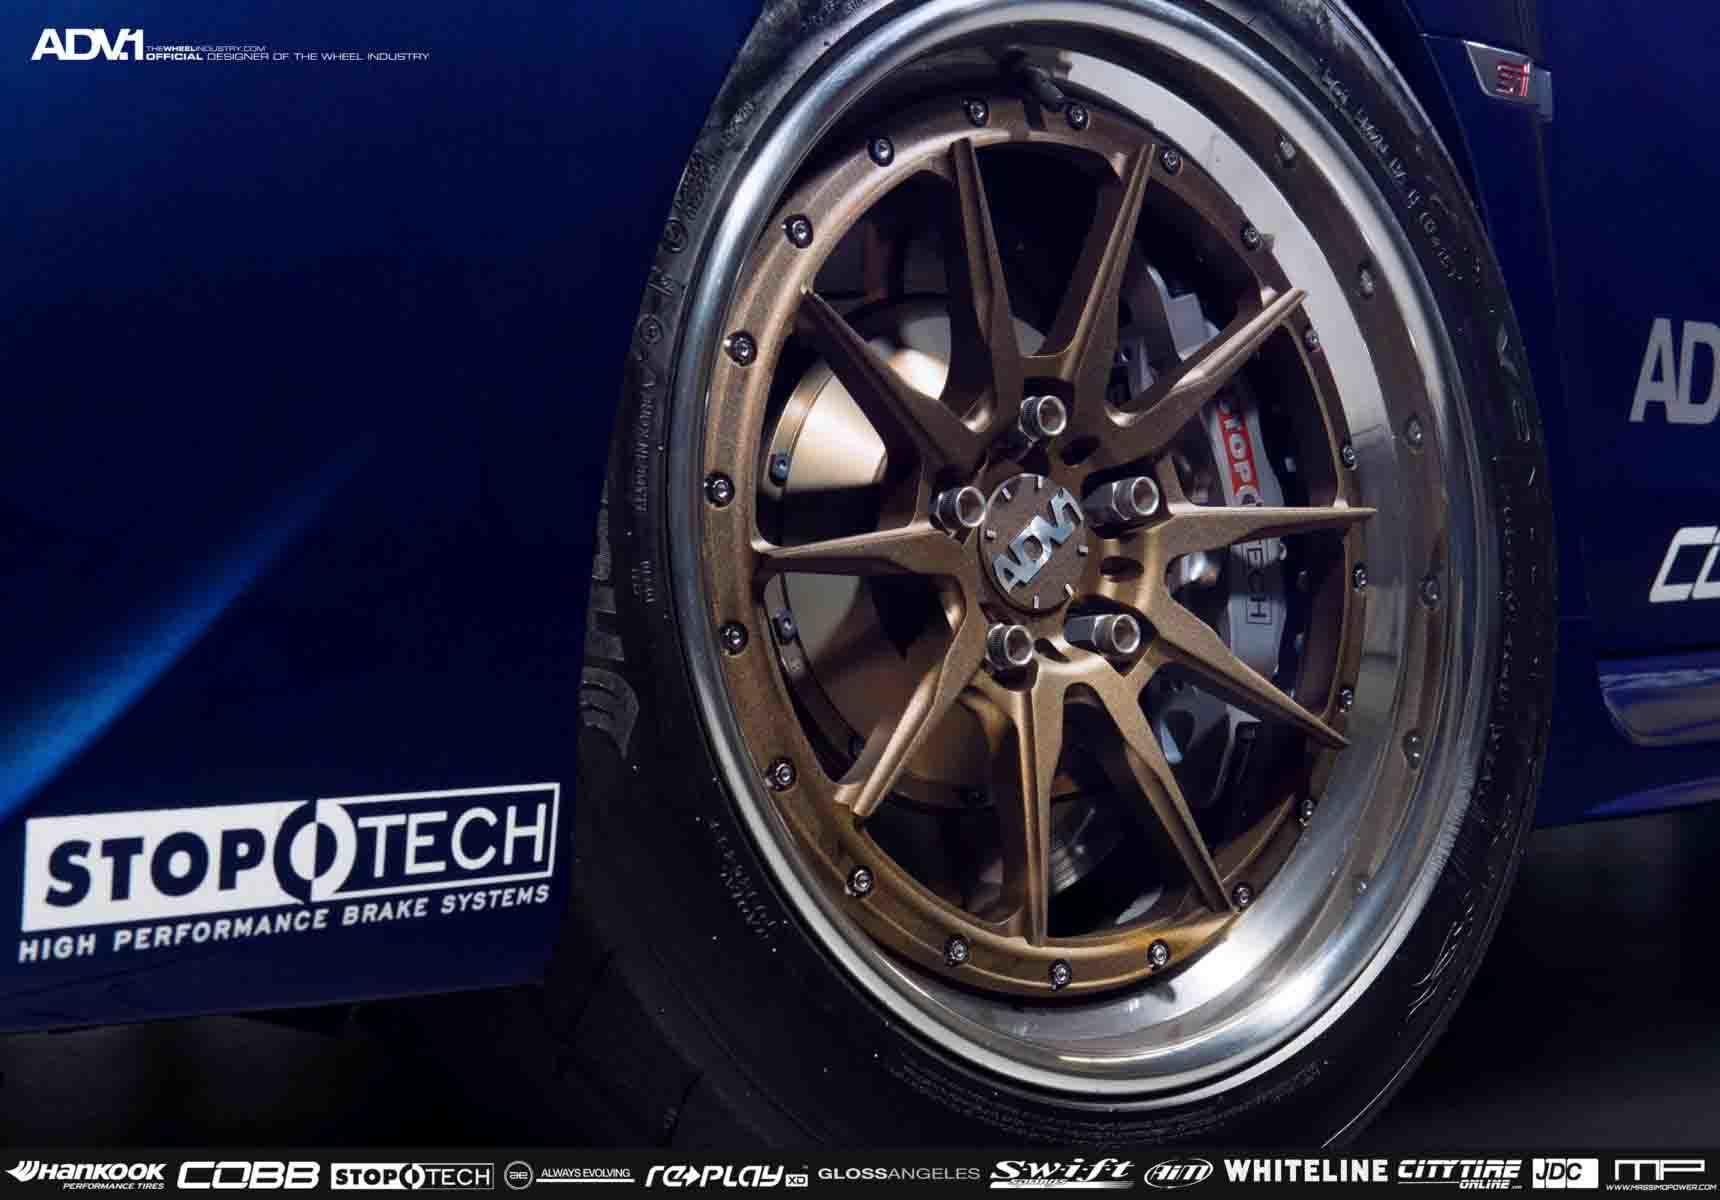 ADV.1 ADV10 Track Function (CS Series) forged wheels